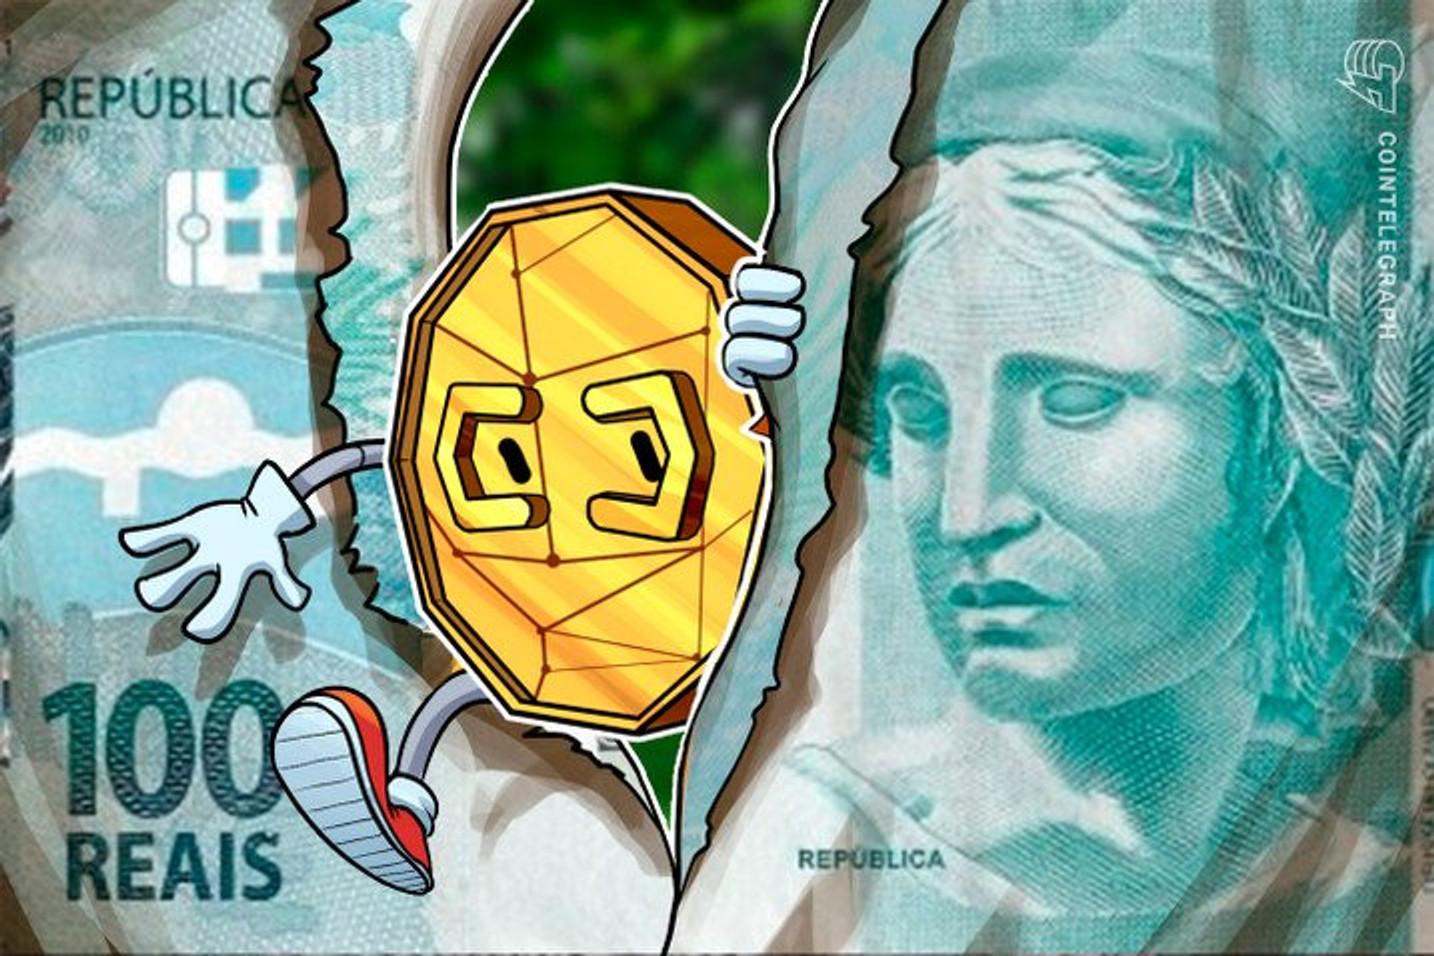 Brasileiros negociaram mais de R$ 7 bilhões em Bitcoin e criptomoedas somente em 1 mês